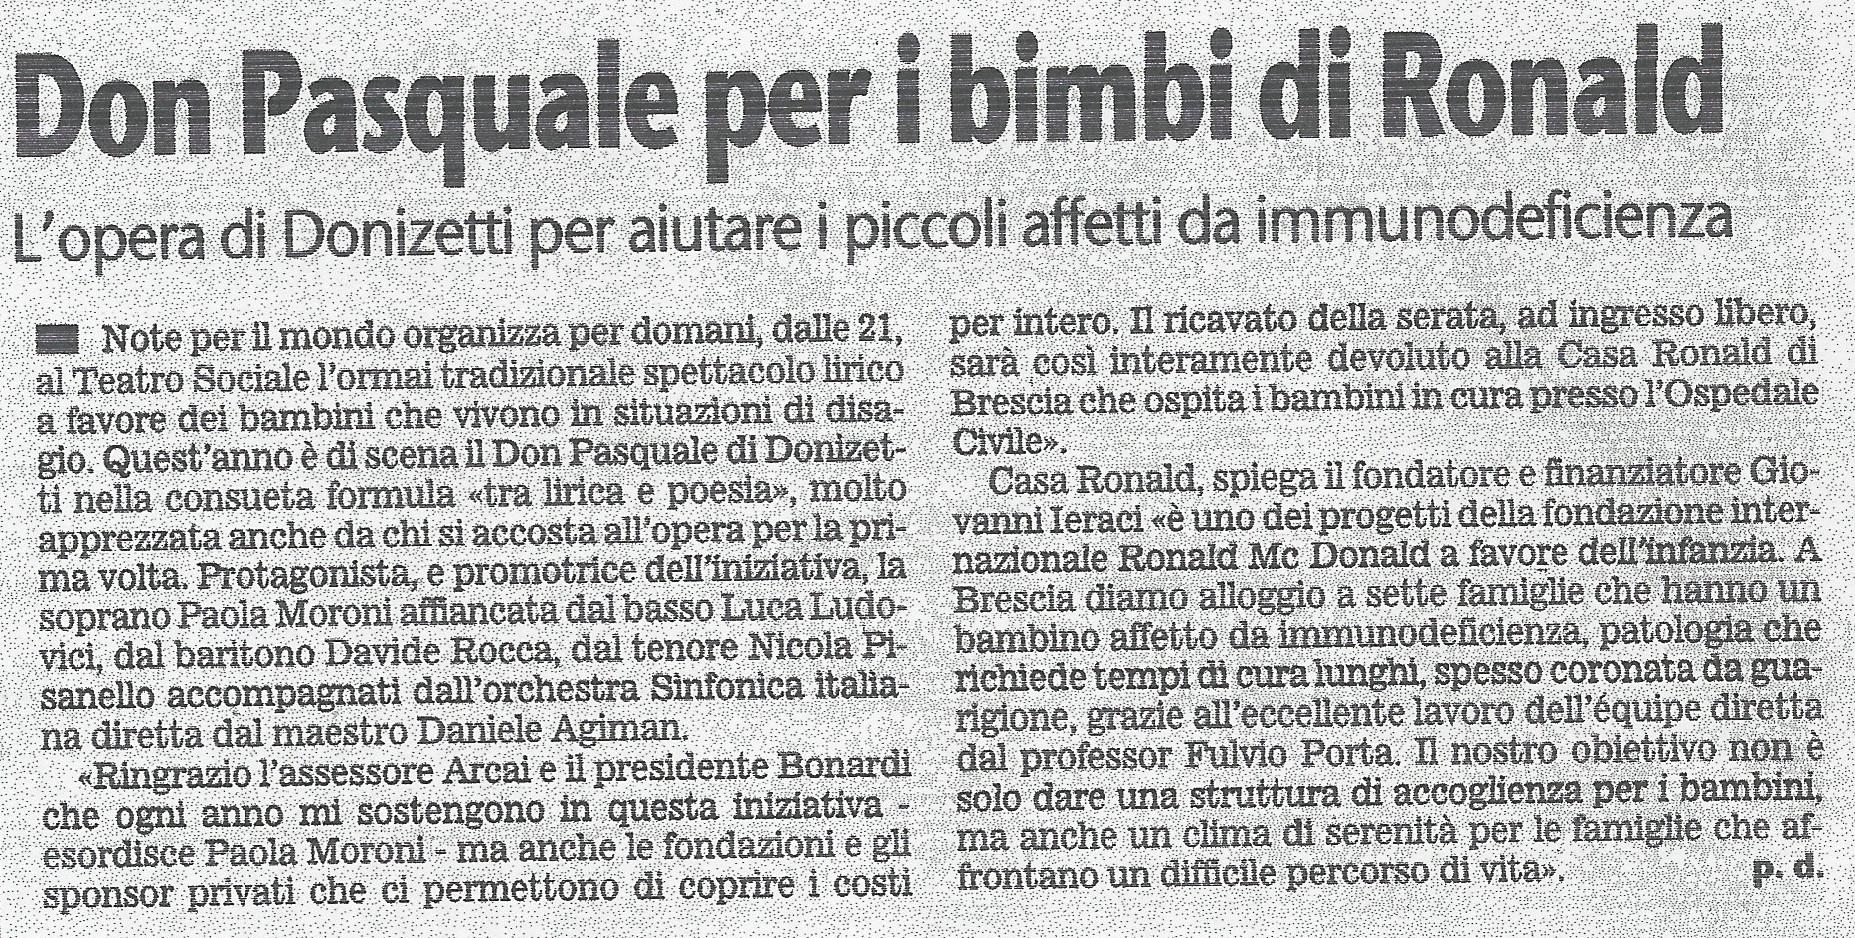 1 ottobre 2010 Giornale di Brescia.jpg